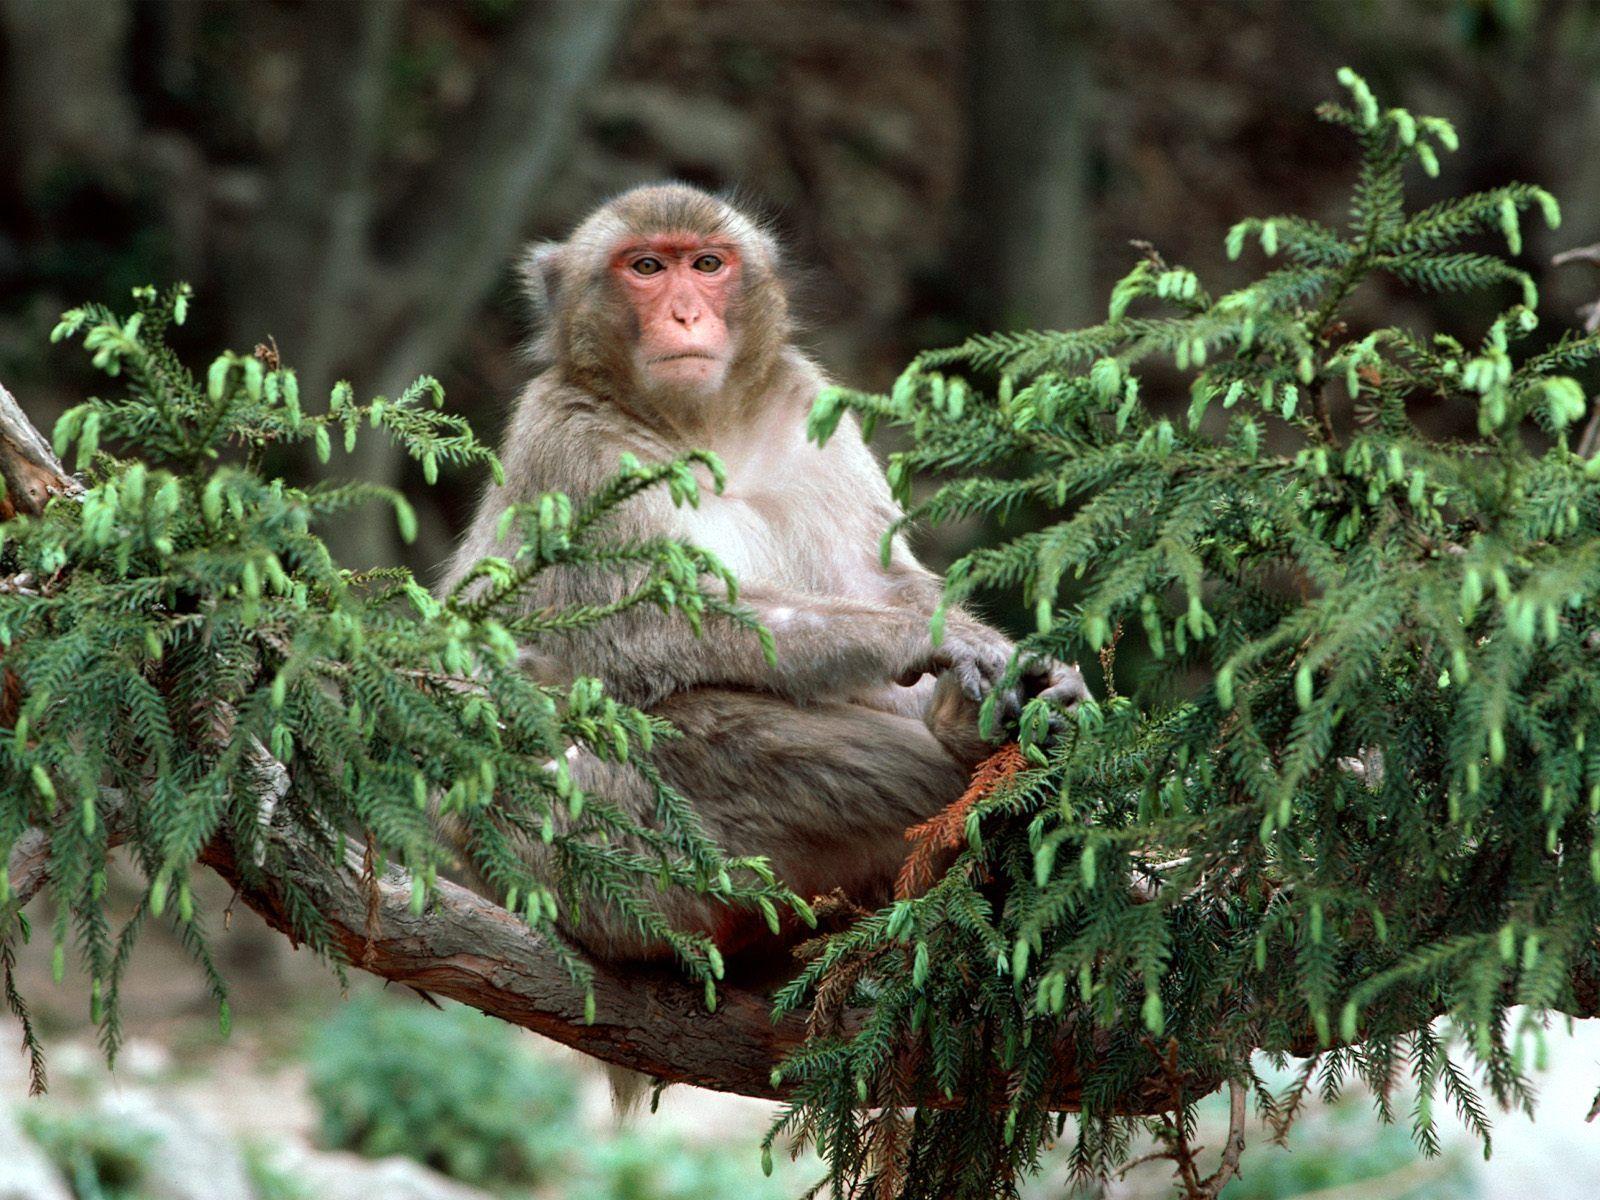 动物世界-猴子(1600x1200)壁纸 - 桌面壁纸【壁纸大卡